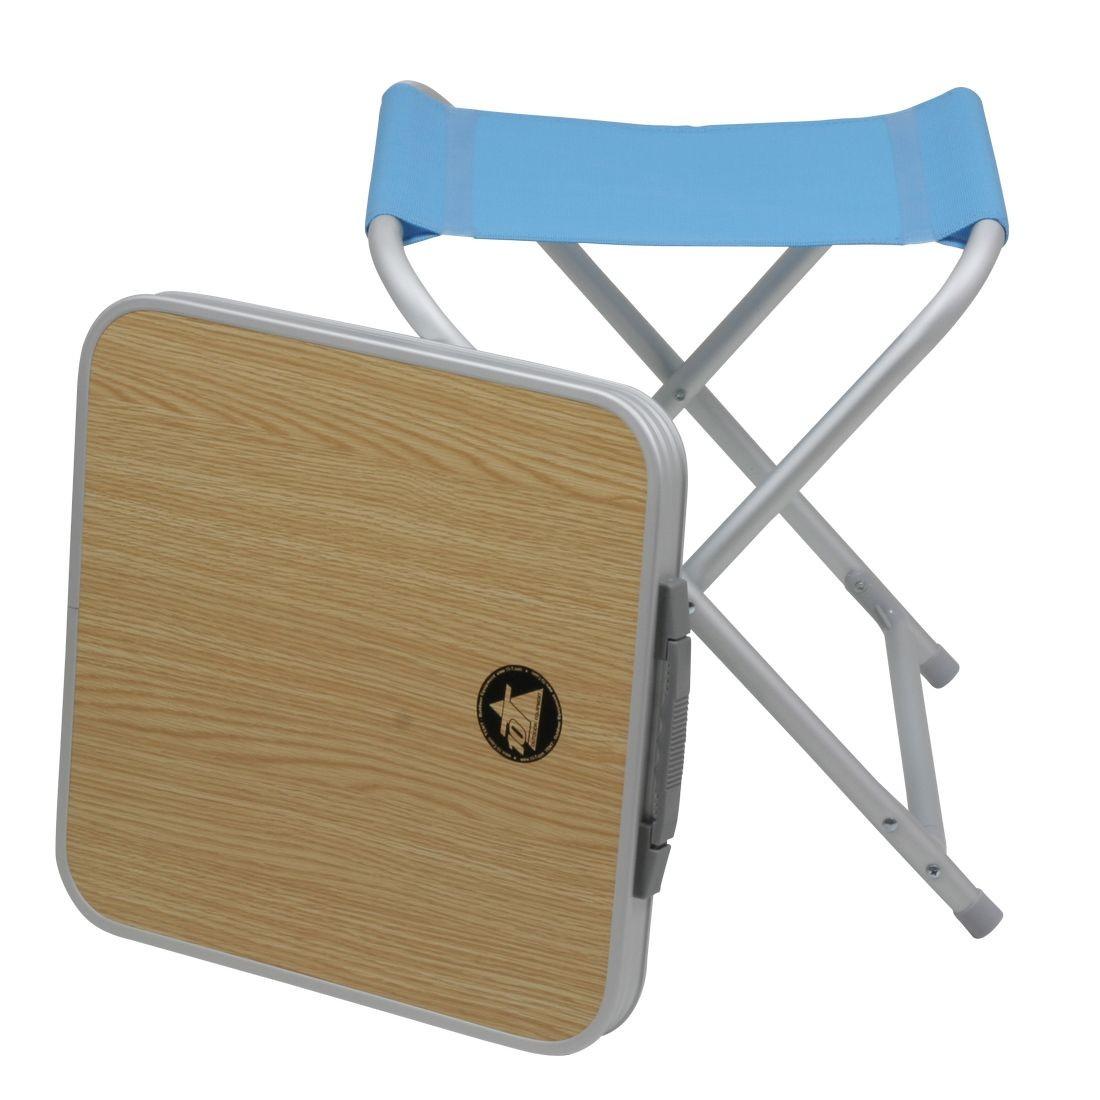 Camping klappstuhl mit tisch  10T Tabstool - 2in1 Camping Hocker-oder-Tisch Kombination ...